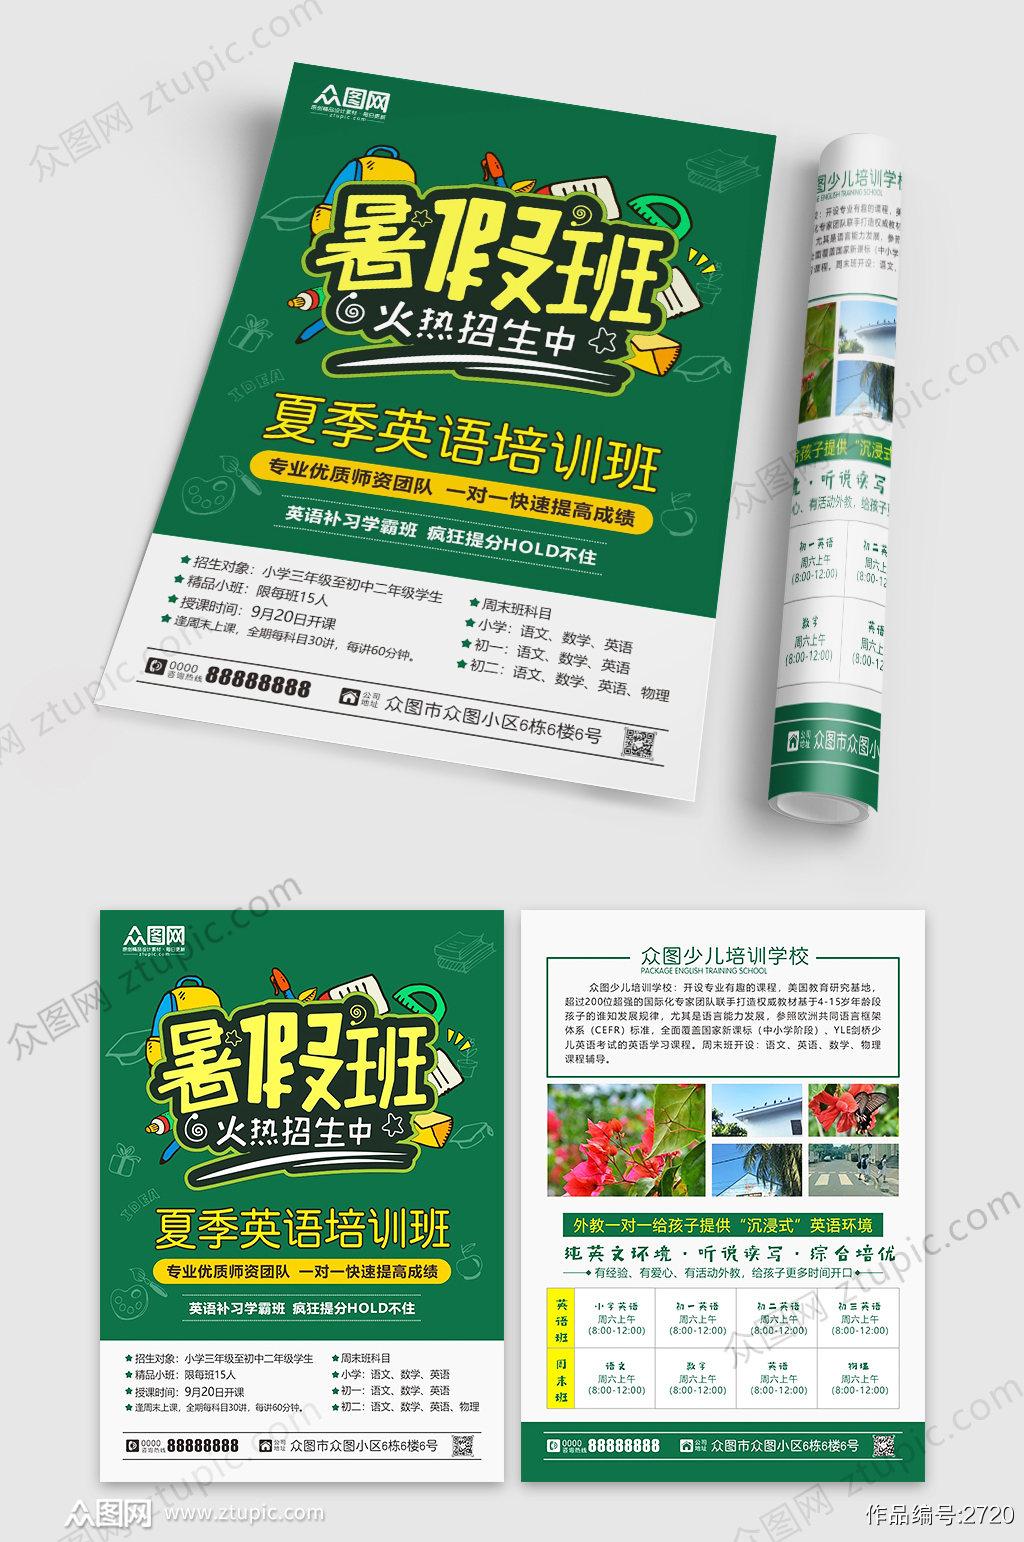 绿色英语班暑假招生宣传单素材